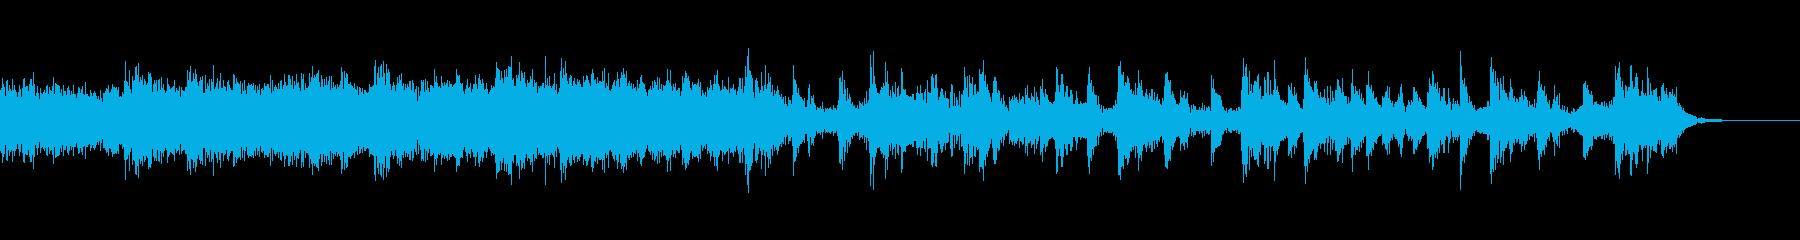 ハラハラとした雰囲気のBGMの再生済みの波形